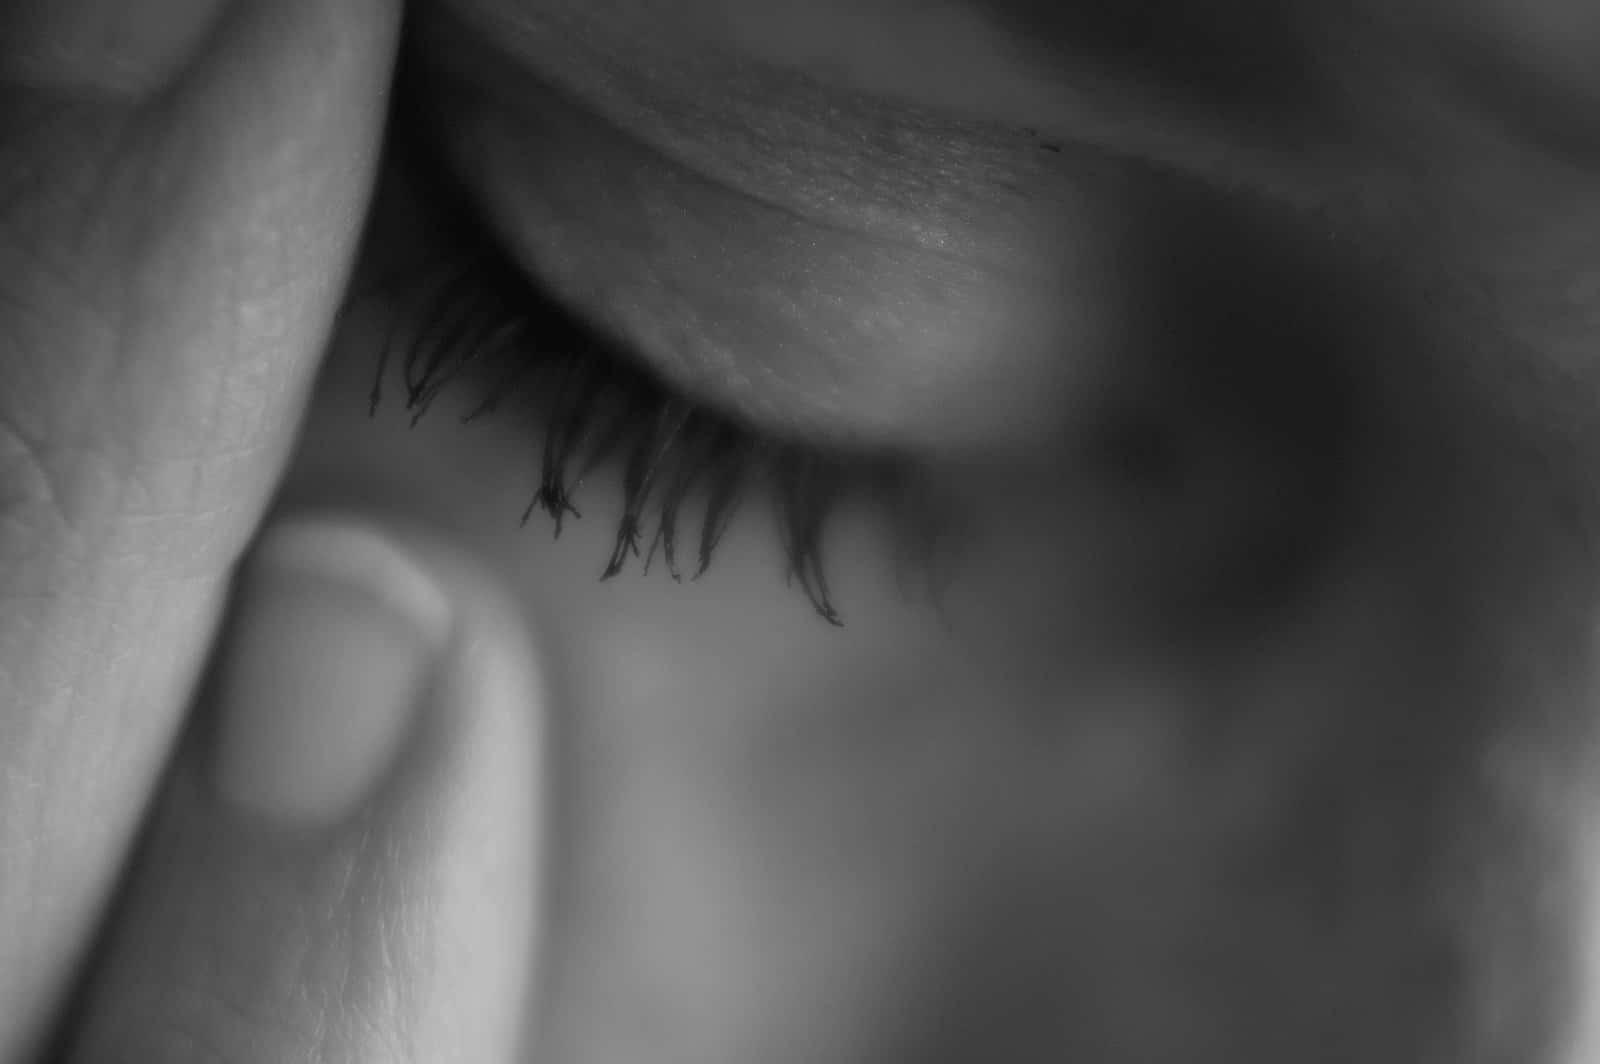 maltrattamento-abusi-emicrania